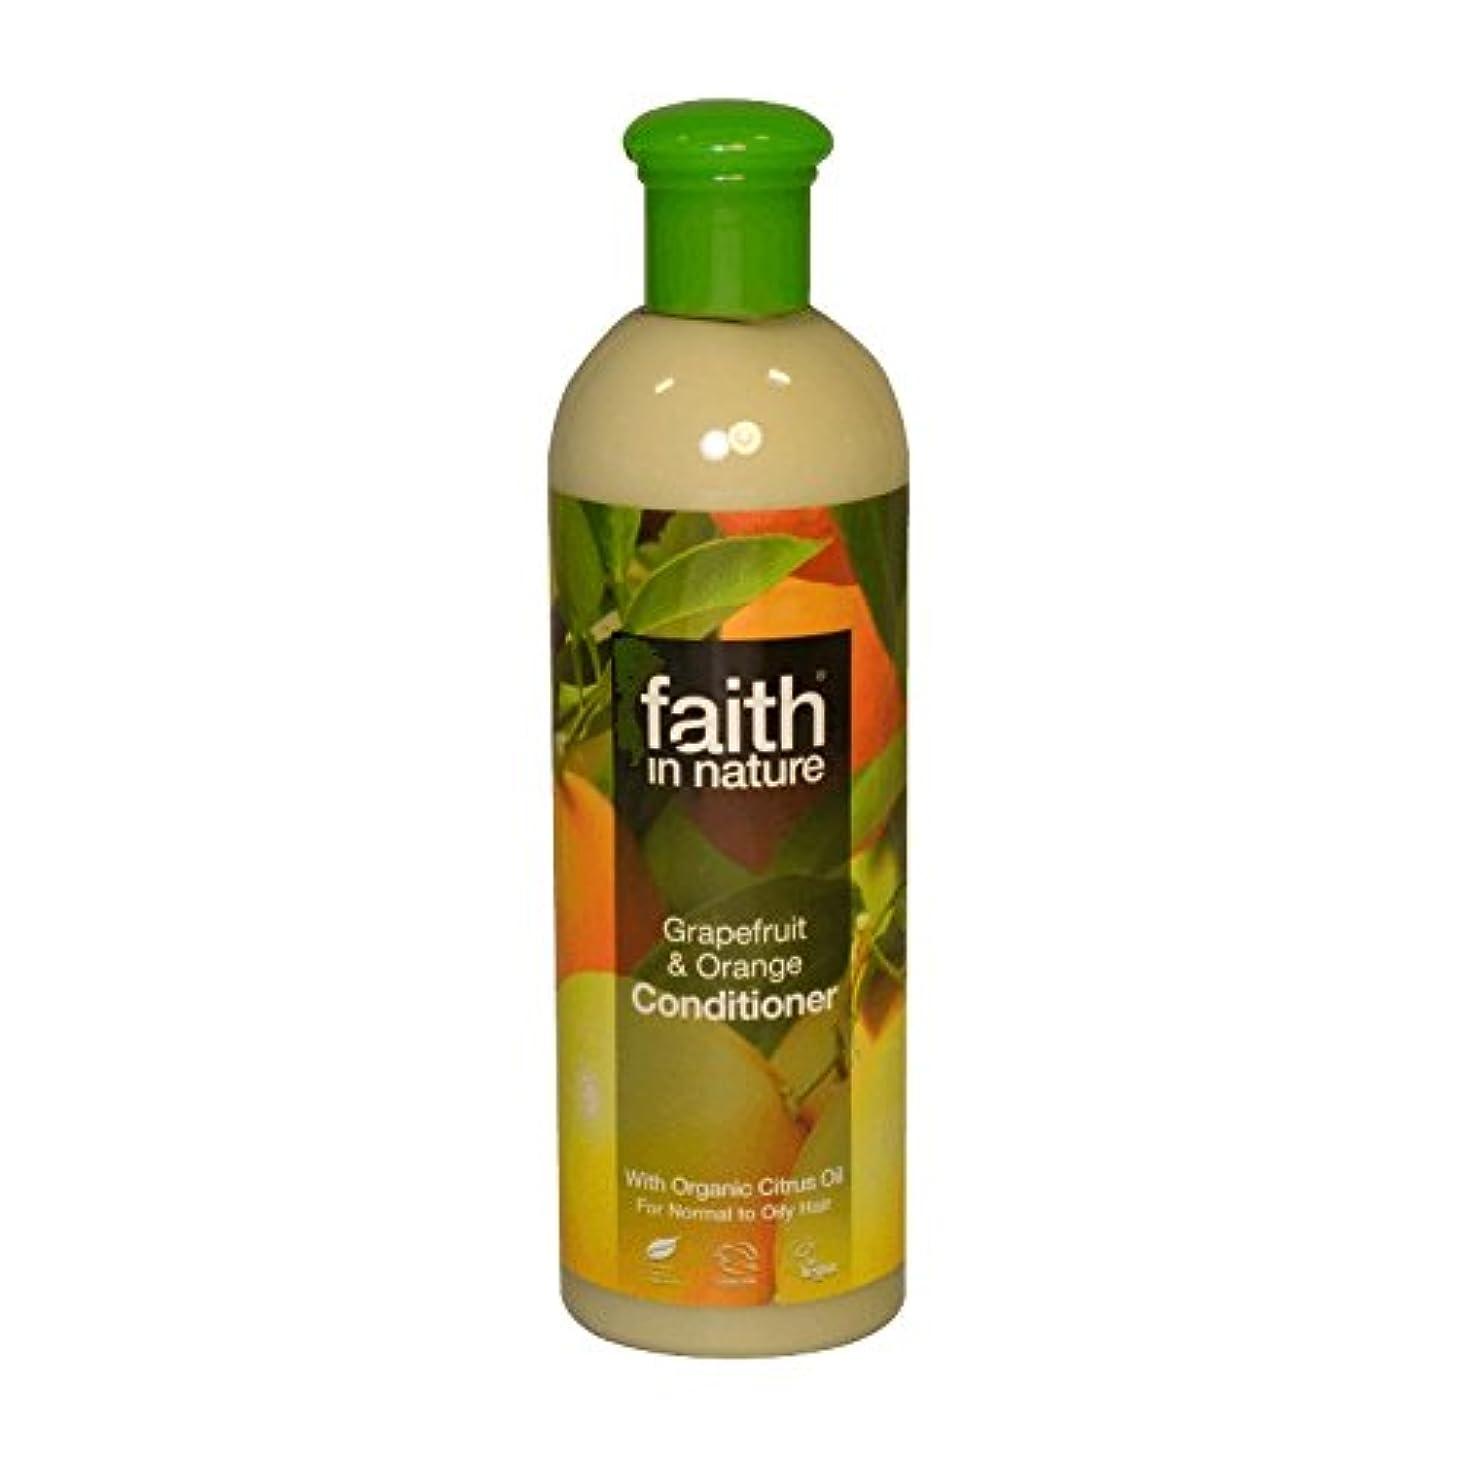 ハードレオナルドダシェル自然グレープフルーツ&オレンジコンディショナー400ミリリットルの信仰 - Faith in Nature Grapefruit & Orange Conditioner 400ml (Faith in Nature) [並行輸入品]